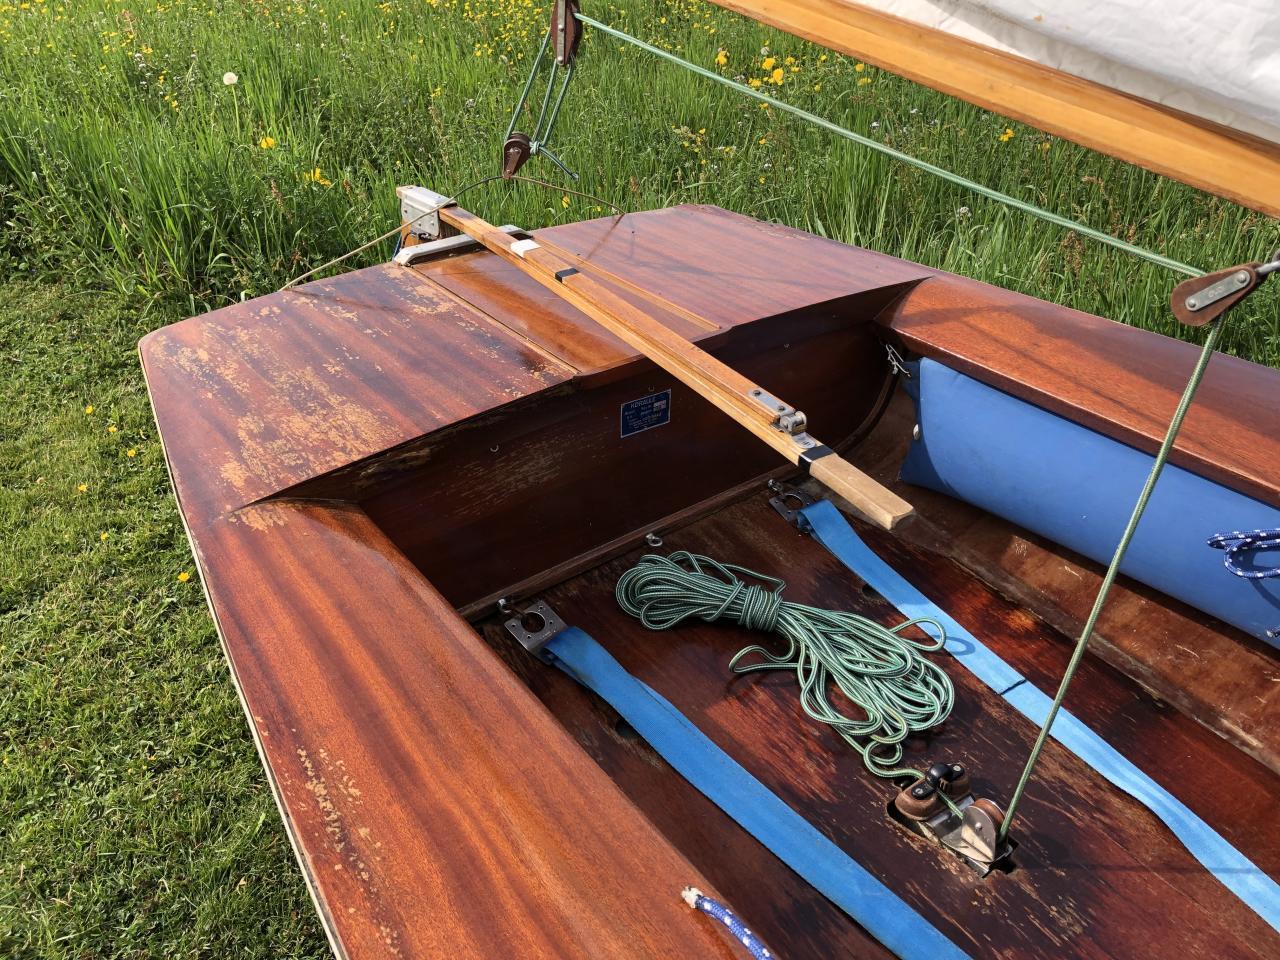 Holzboote sind hübsch anzuschauen, aber sehr pflegeintensiv